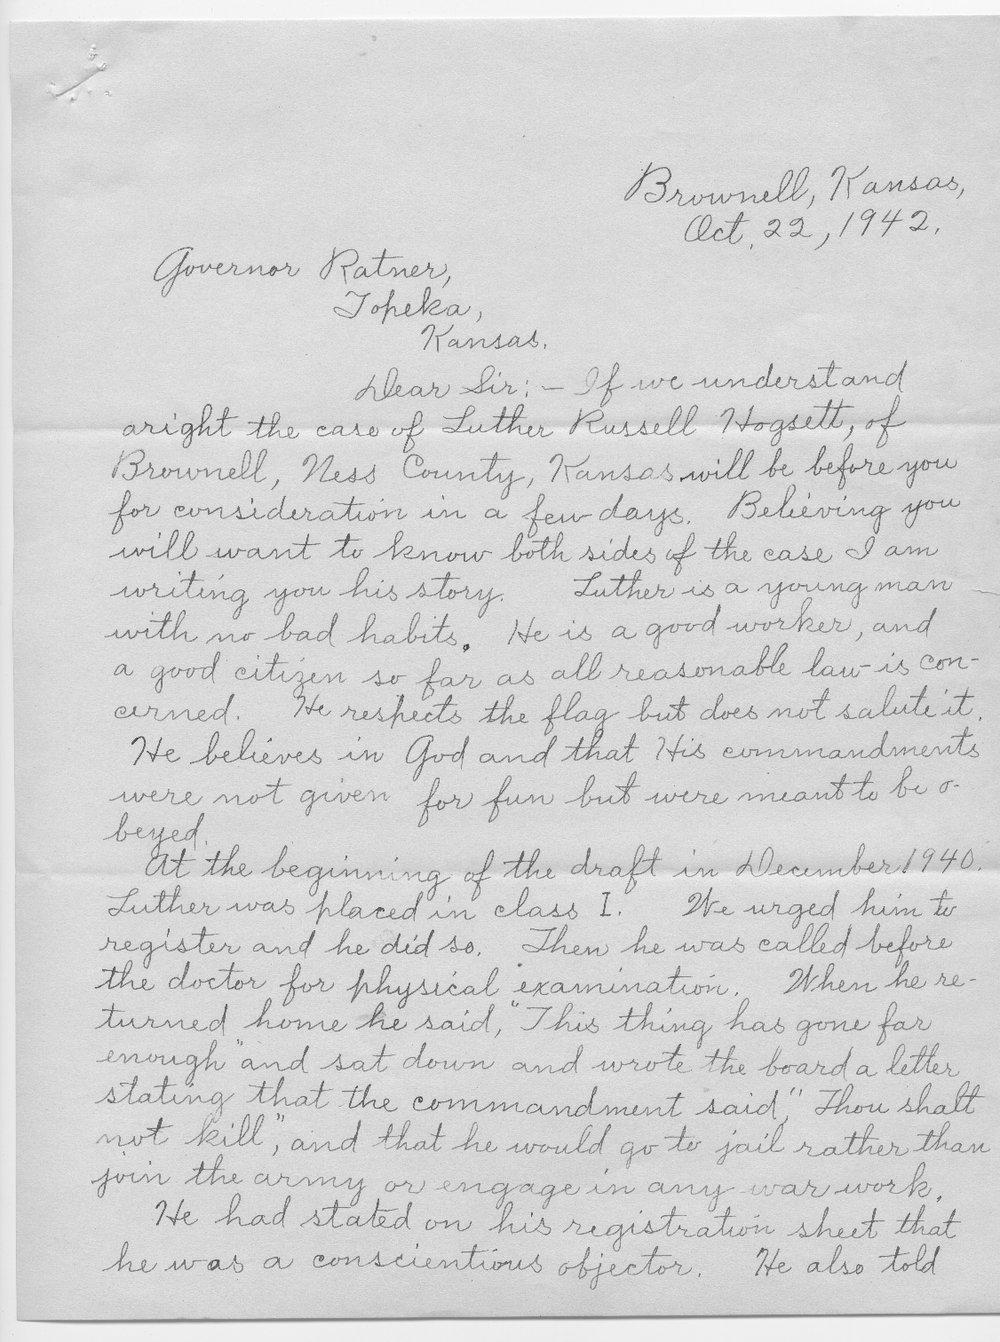 Anna M. Hogsett to Governor Payne Ratner - 1